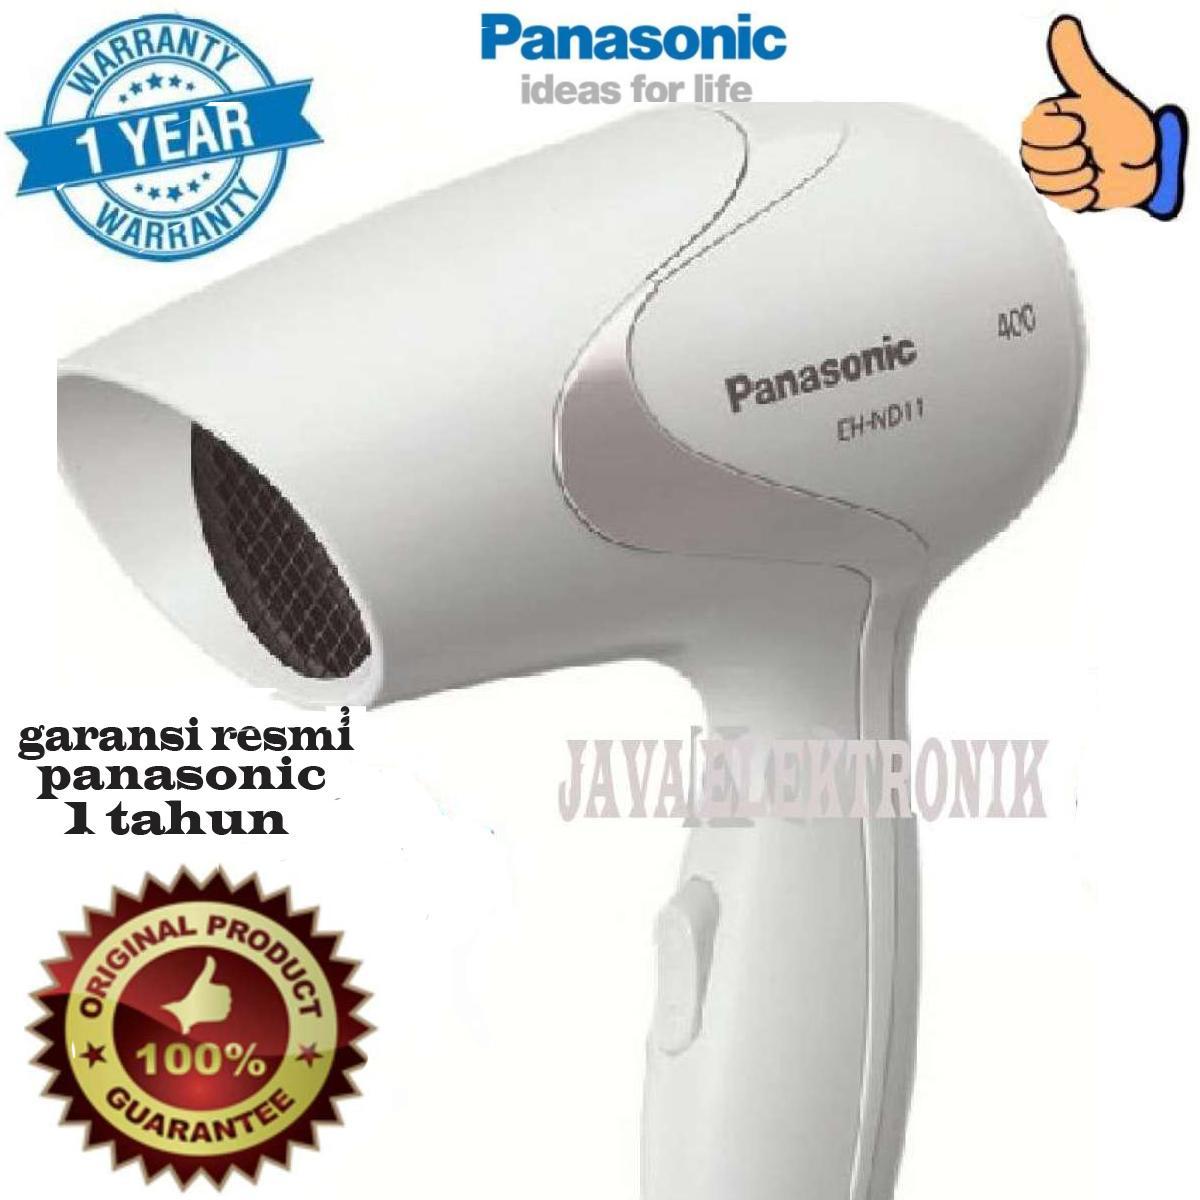 Hair Dryer Panasonic EH ND 11  Pengering Rambut EHND11(garansi resmi)